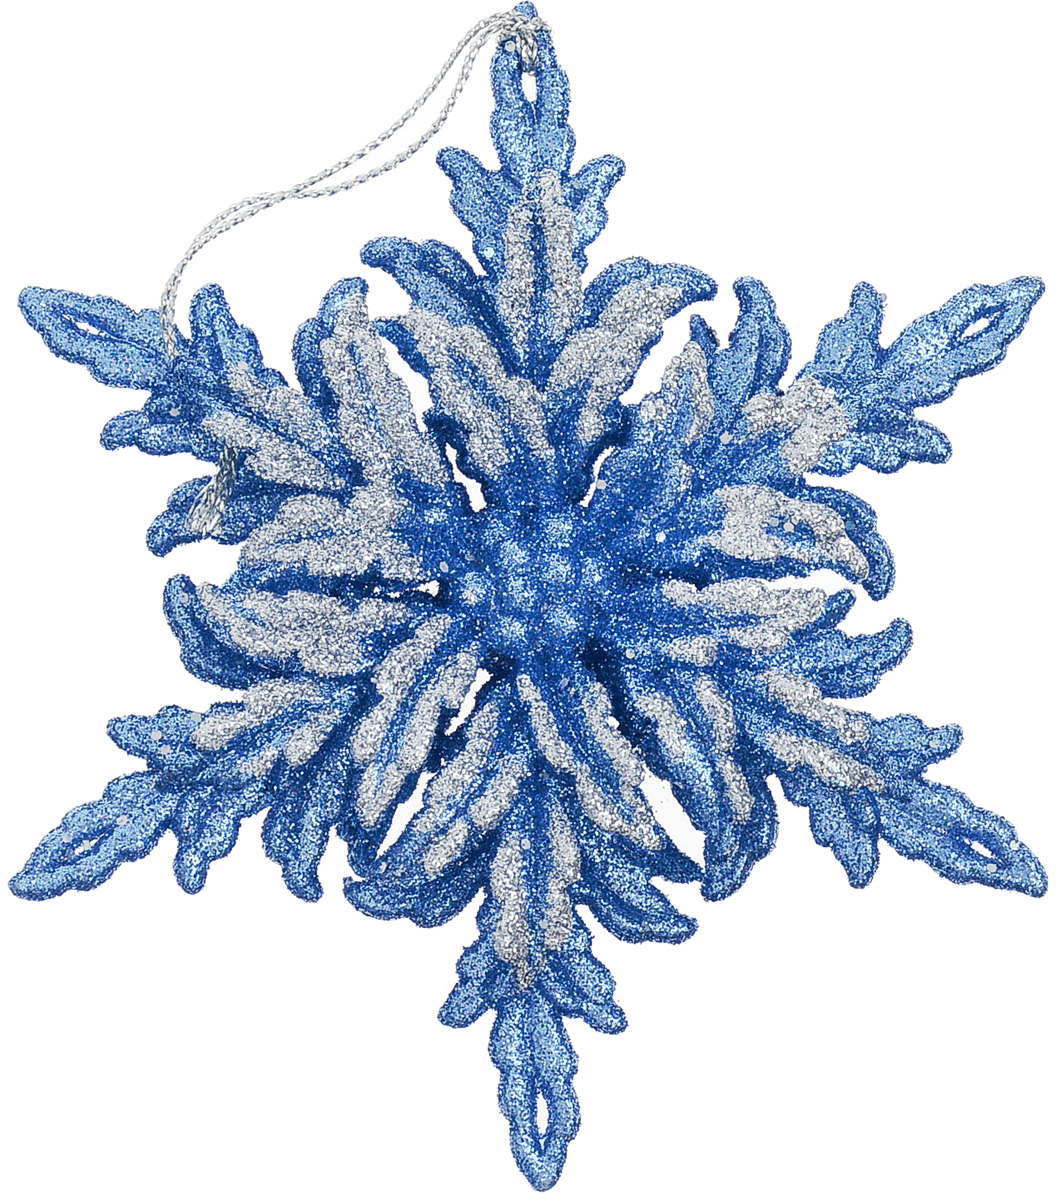 Украшение для интерьера новогоднее Erich Krause Лазурная мечта, 12 см43430Снежинка лазурного цвета привлекает внимание своей объемной конструкцией. Подходит для украшения елки и помещения. Яркий цвет дополняют серебряные блестки, завораживающие своим сиянием.Новогодние украшения всегда несут в себе волшебство и красоту праздника. Создайте в своем доме атмосферу тепла, веселья и радости, украшая его всей семьей.